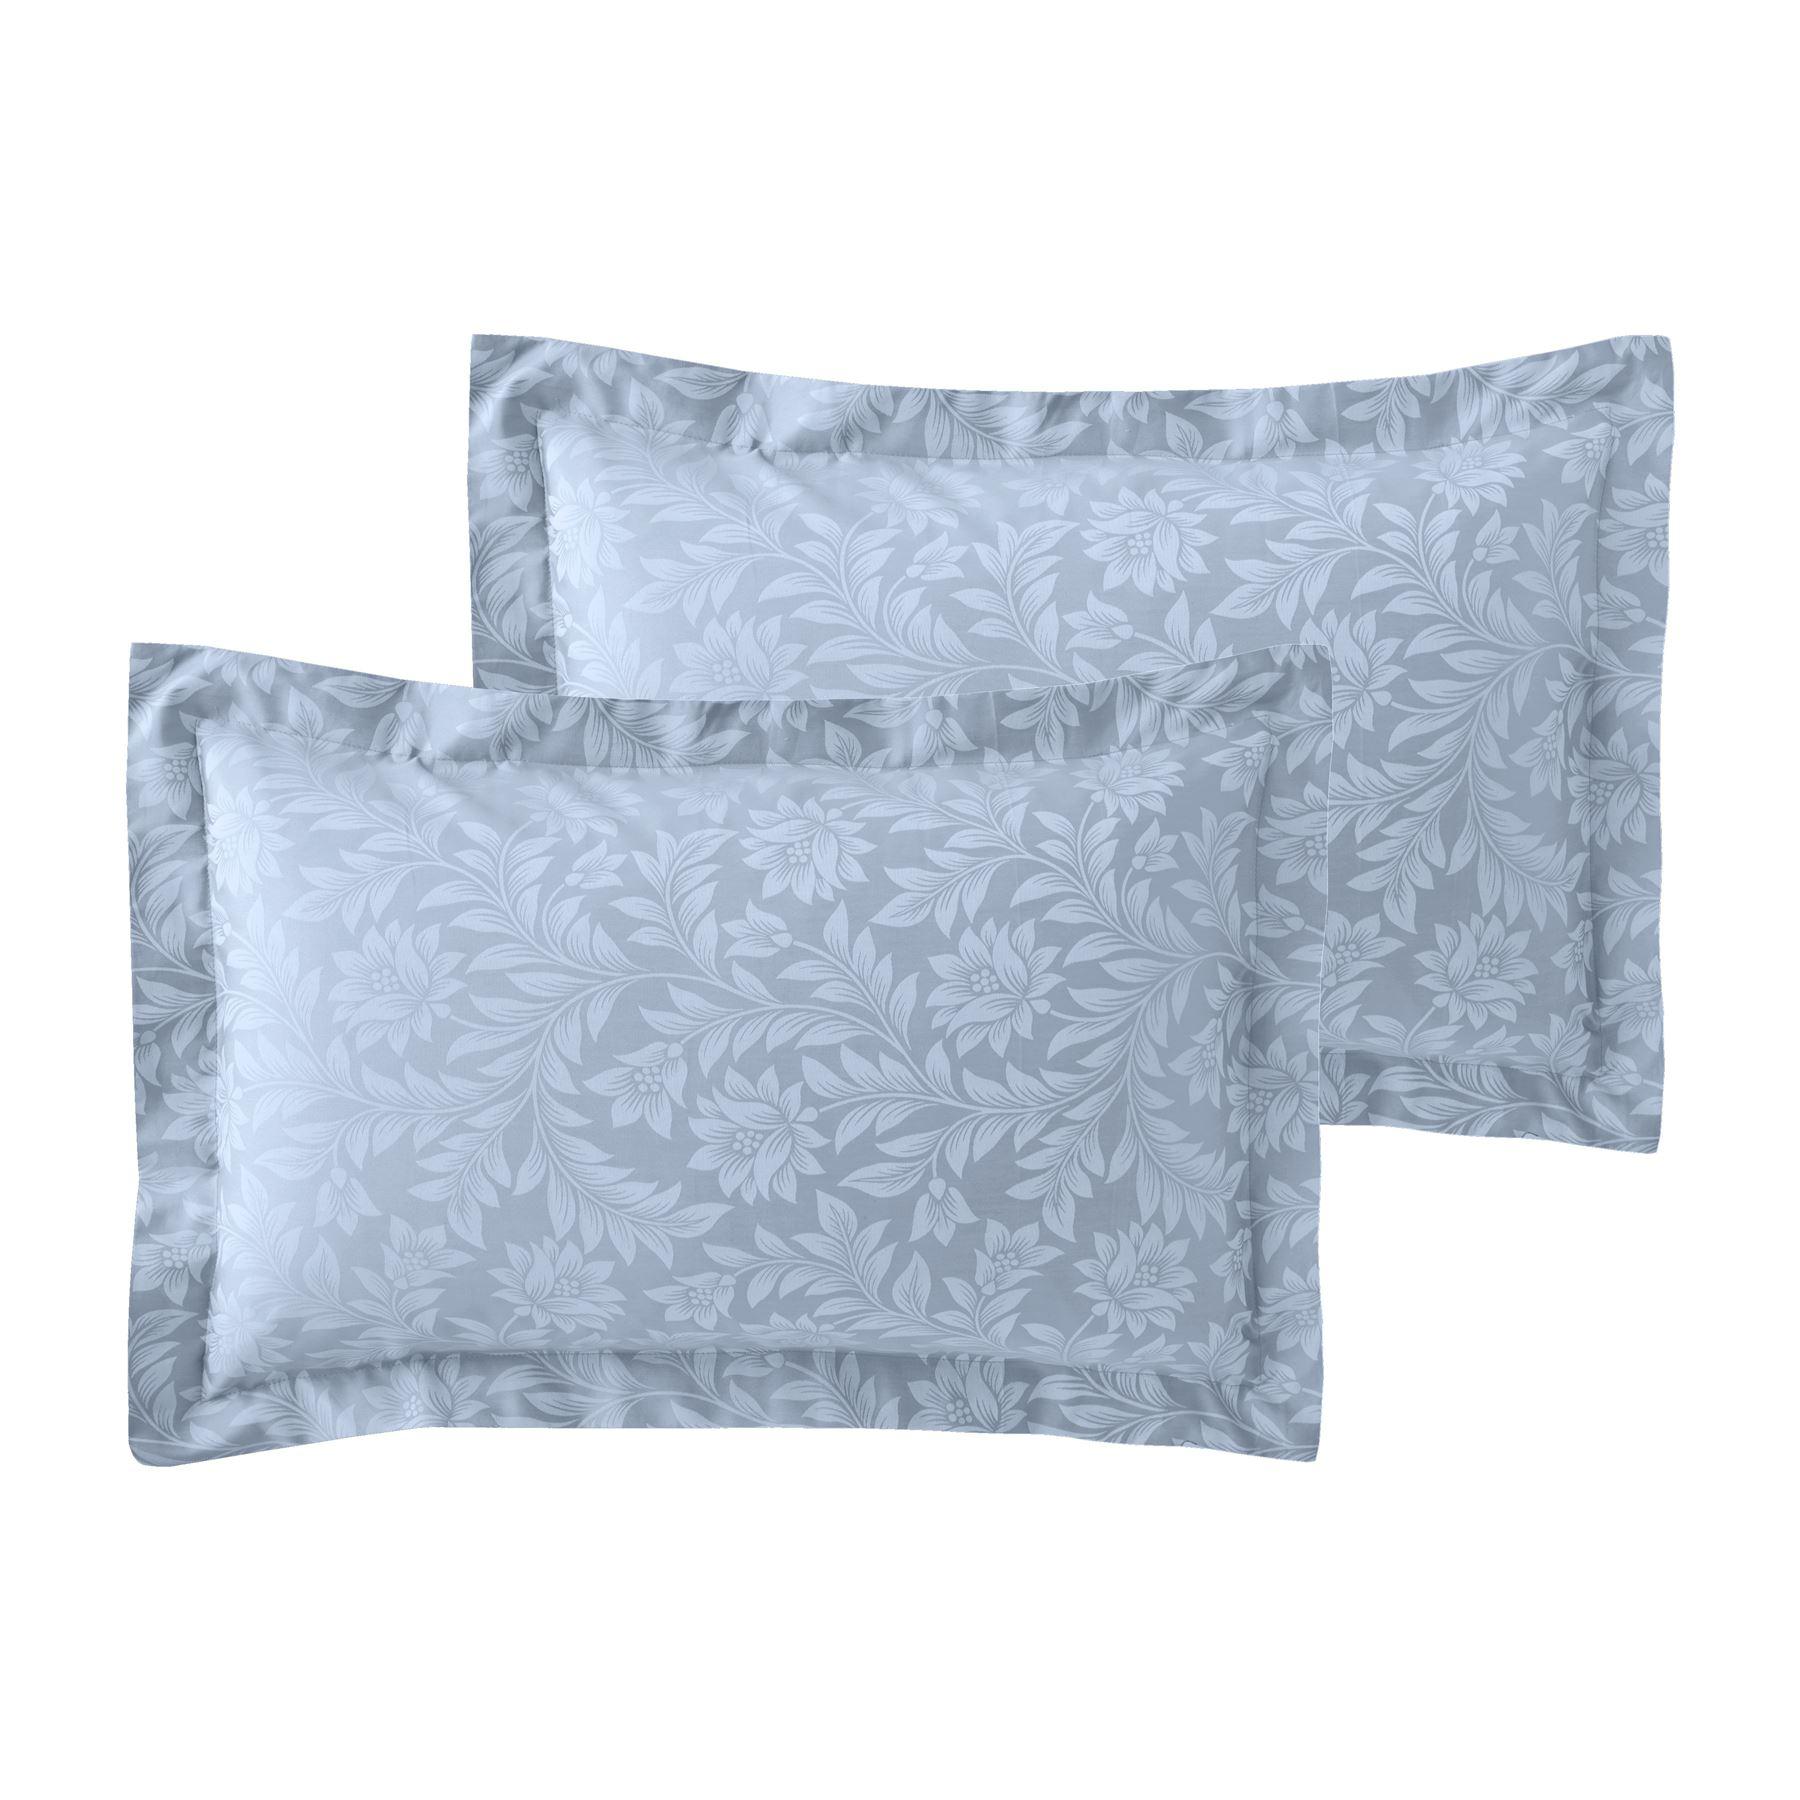 Jacquard-600-Hilos-De-Algodon-Rico-Floral-Duvet-Cover-Set-Fundas-de-almohada-Oxford miniatura 4